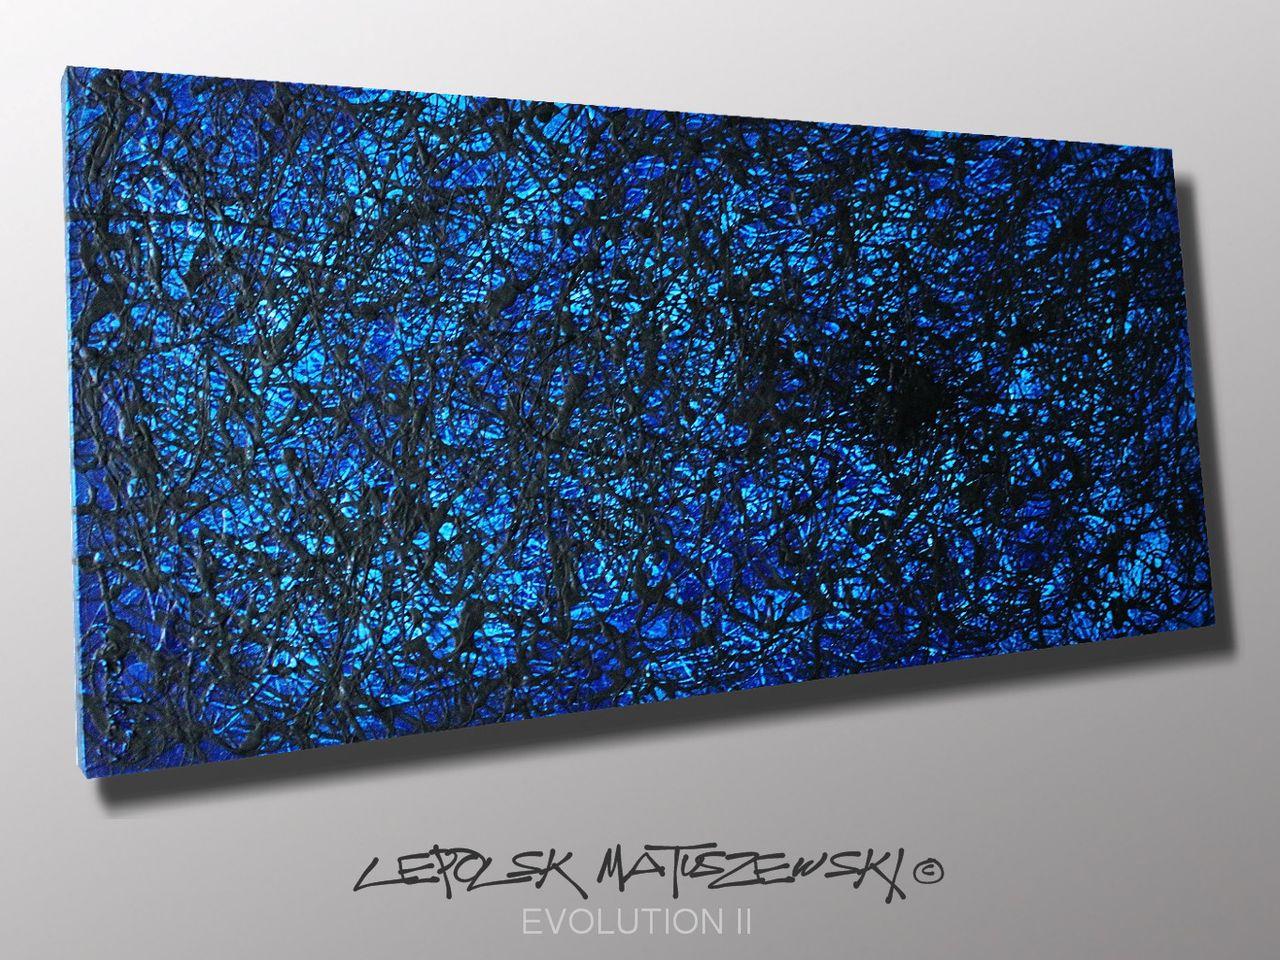 MK  Lepolsk Matuszewski EVOLUTION II   Expressionnisme abstrait contemporain